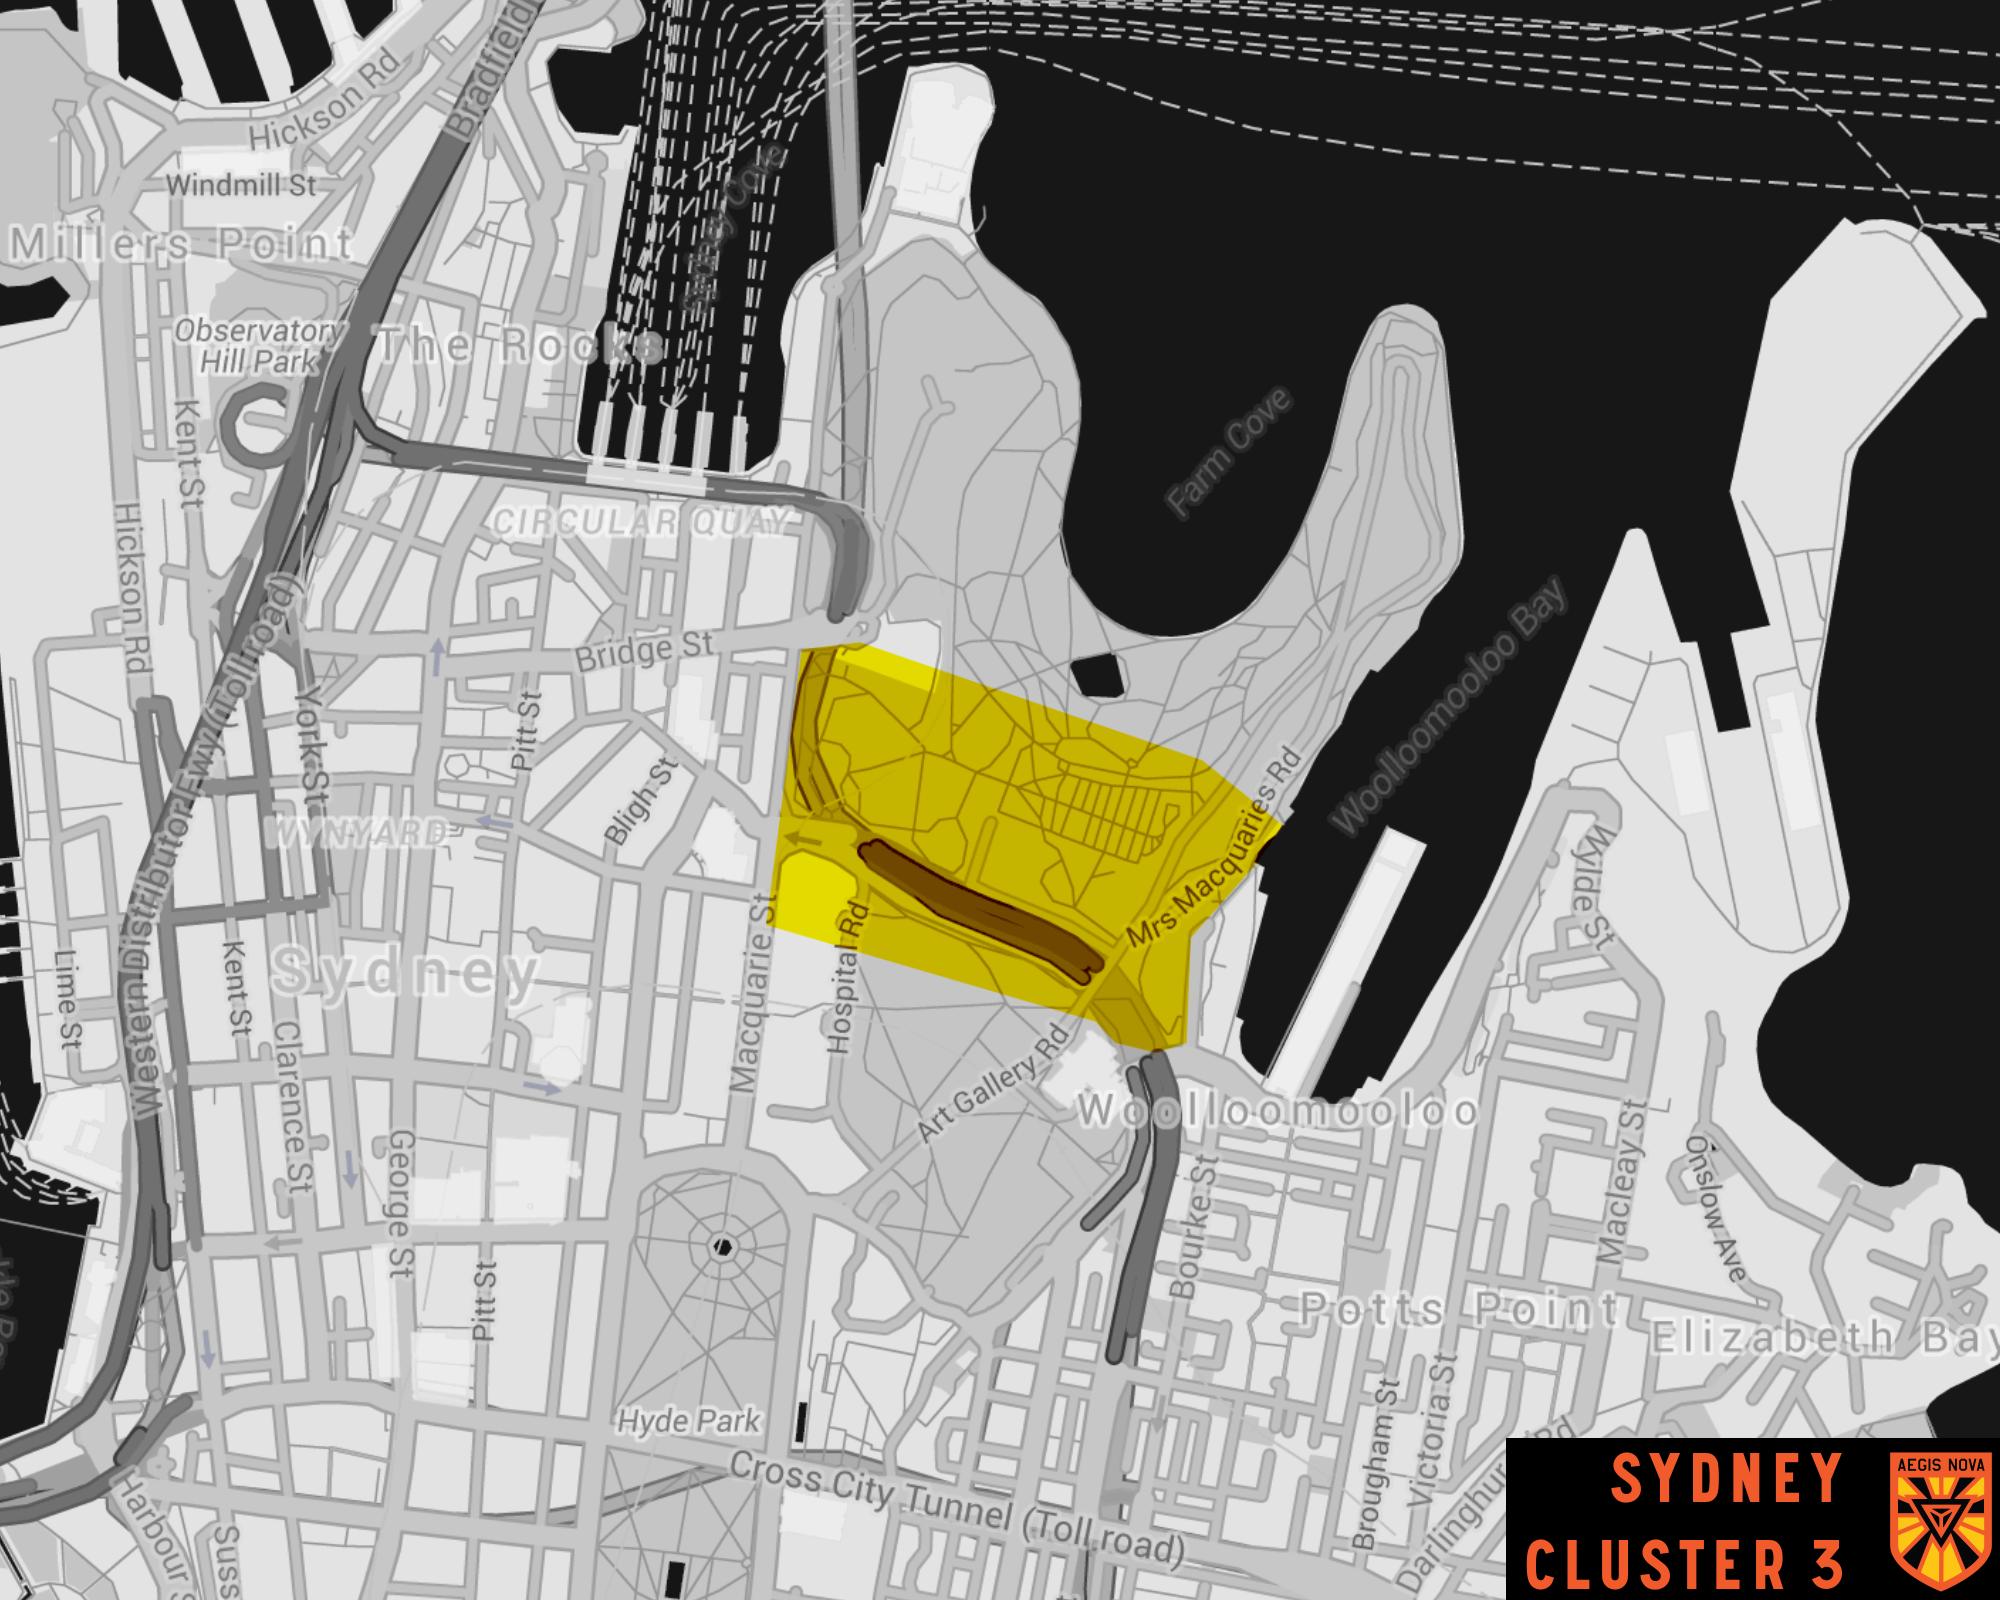 SydneyCluster3-e1466317231169.png